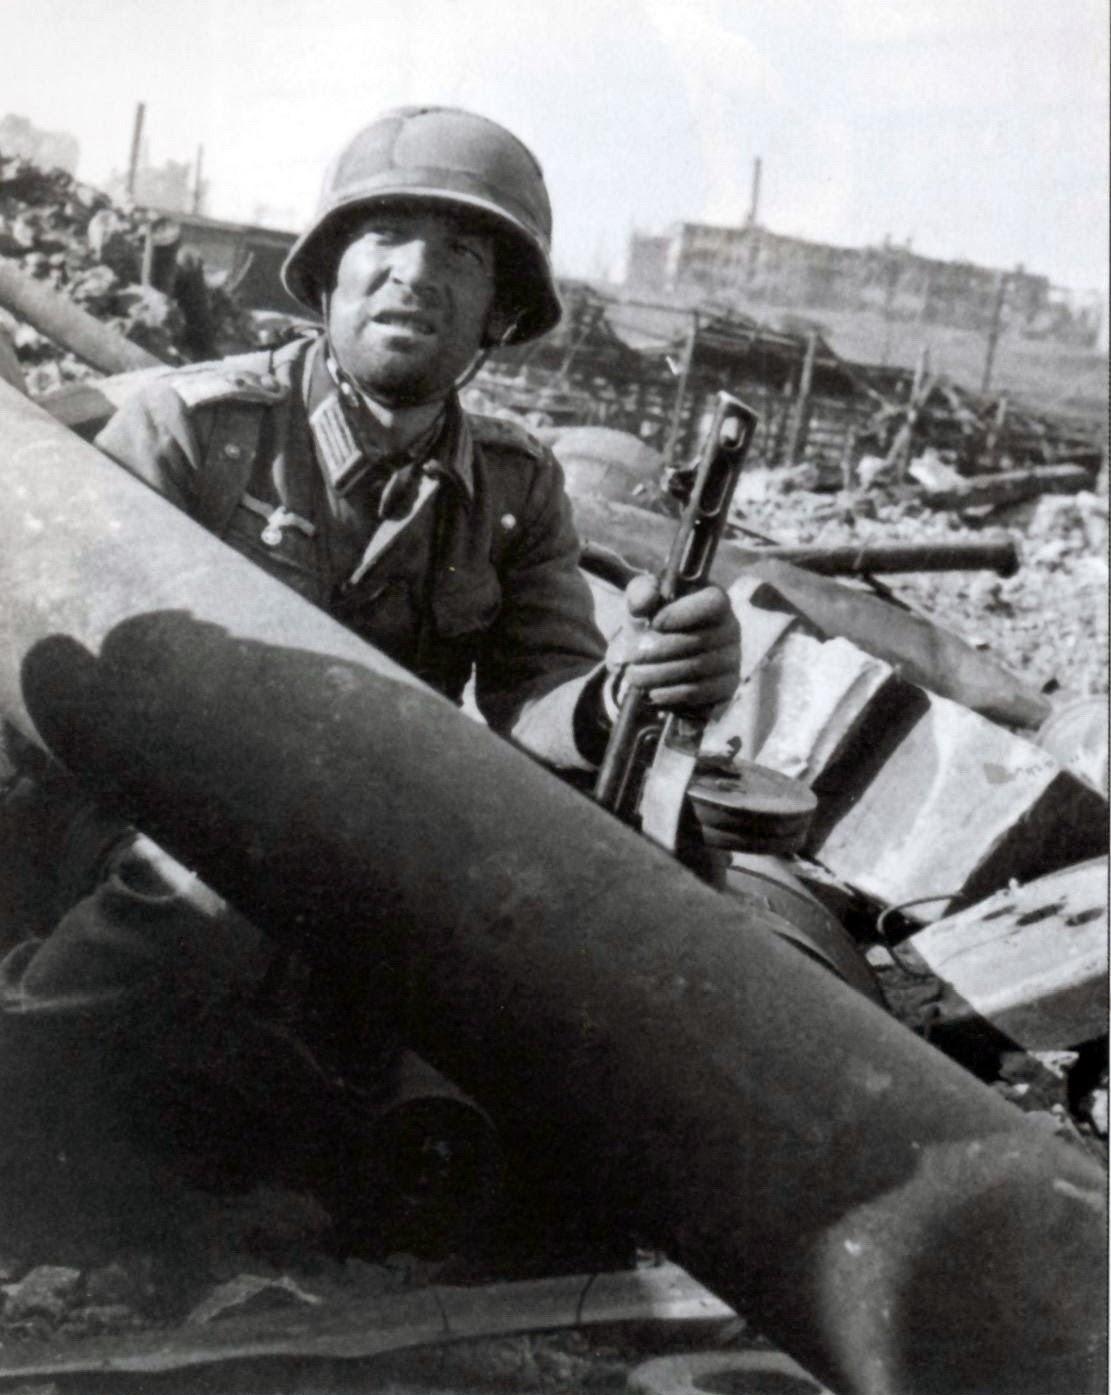 Foto Pertempuran Stalingrad